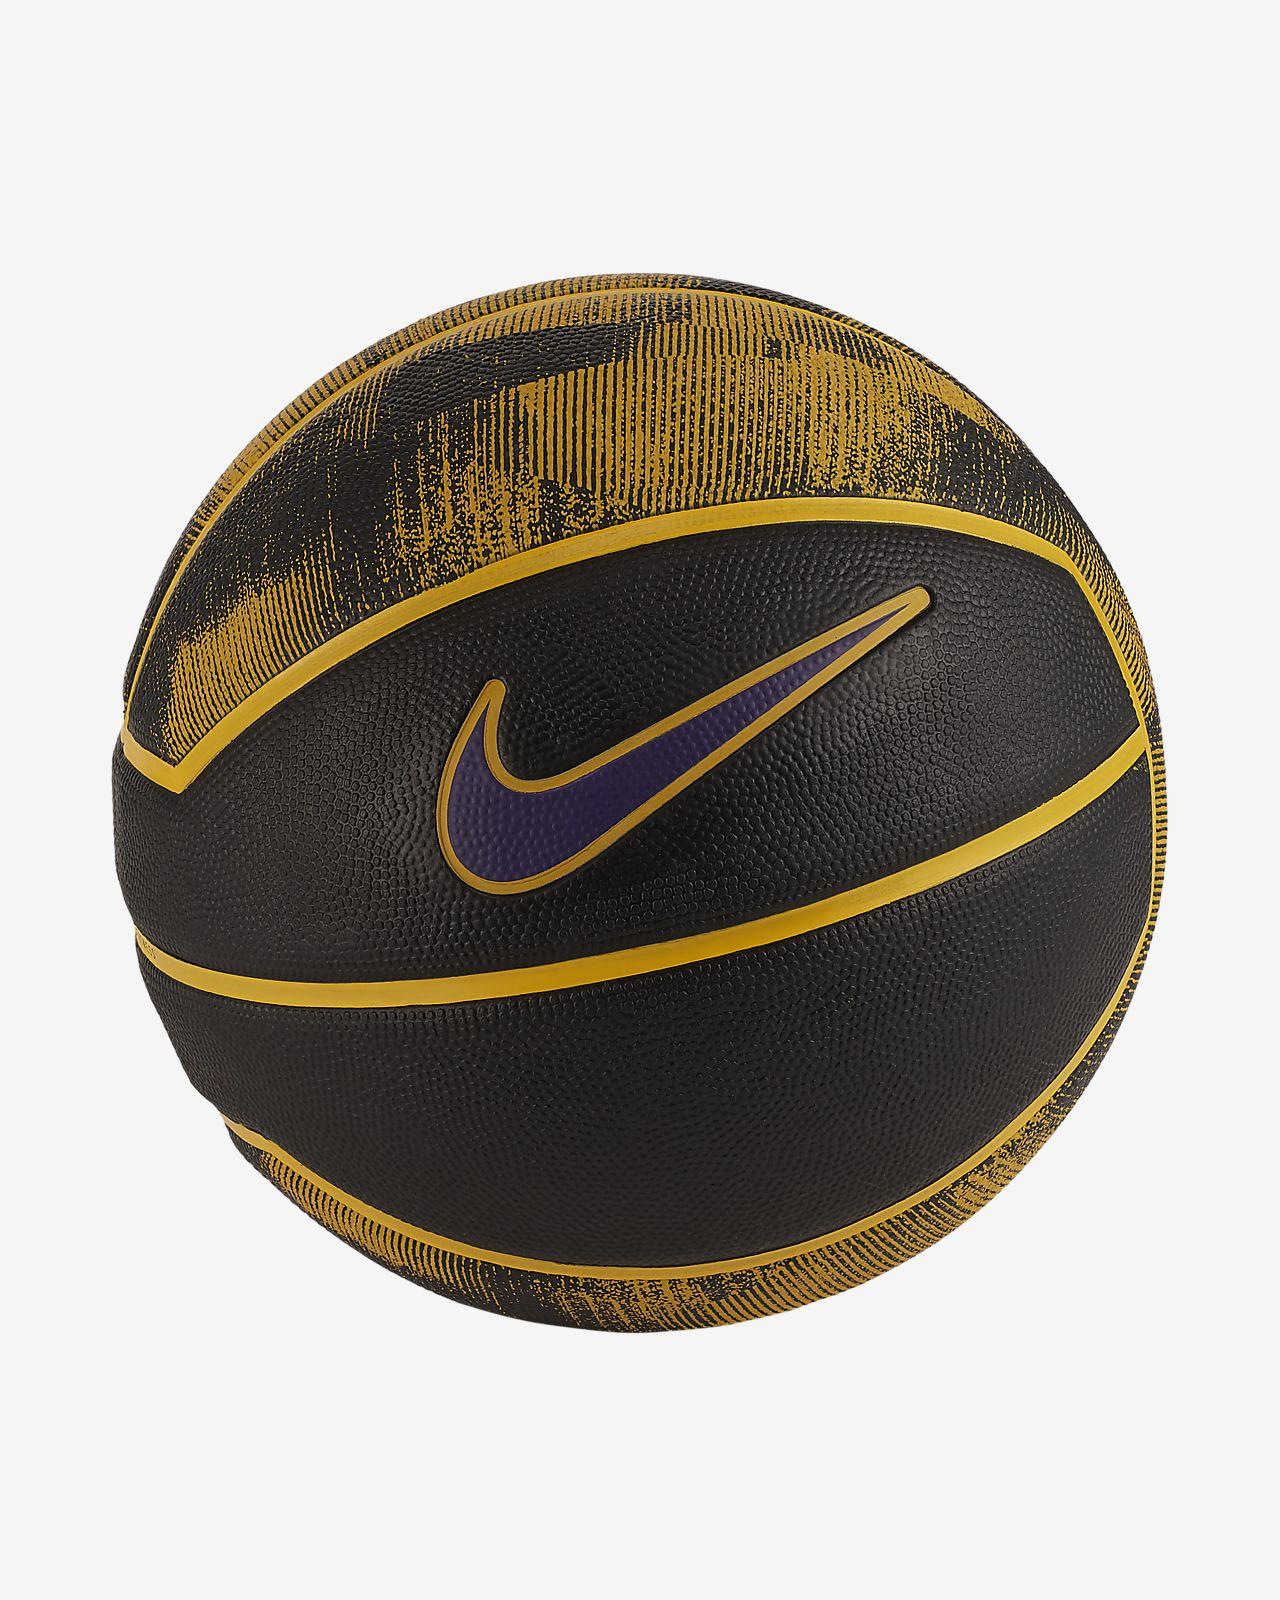 ลูกบาสเก็ตบอล LeBron Playground 4P